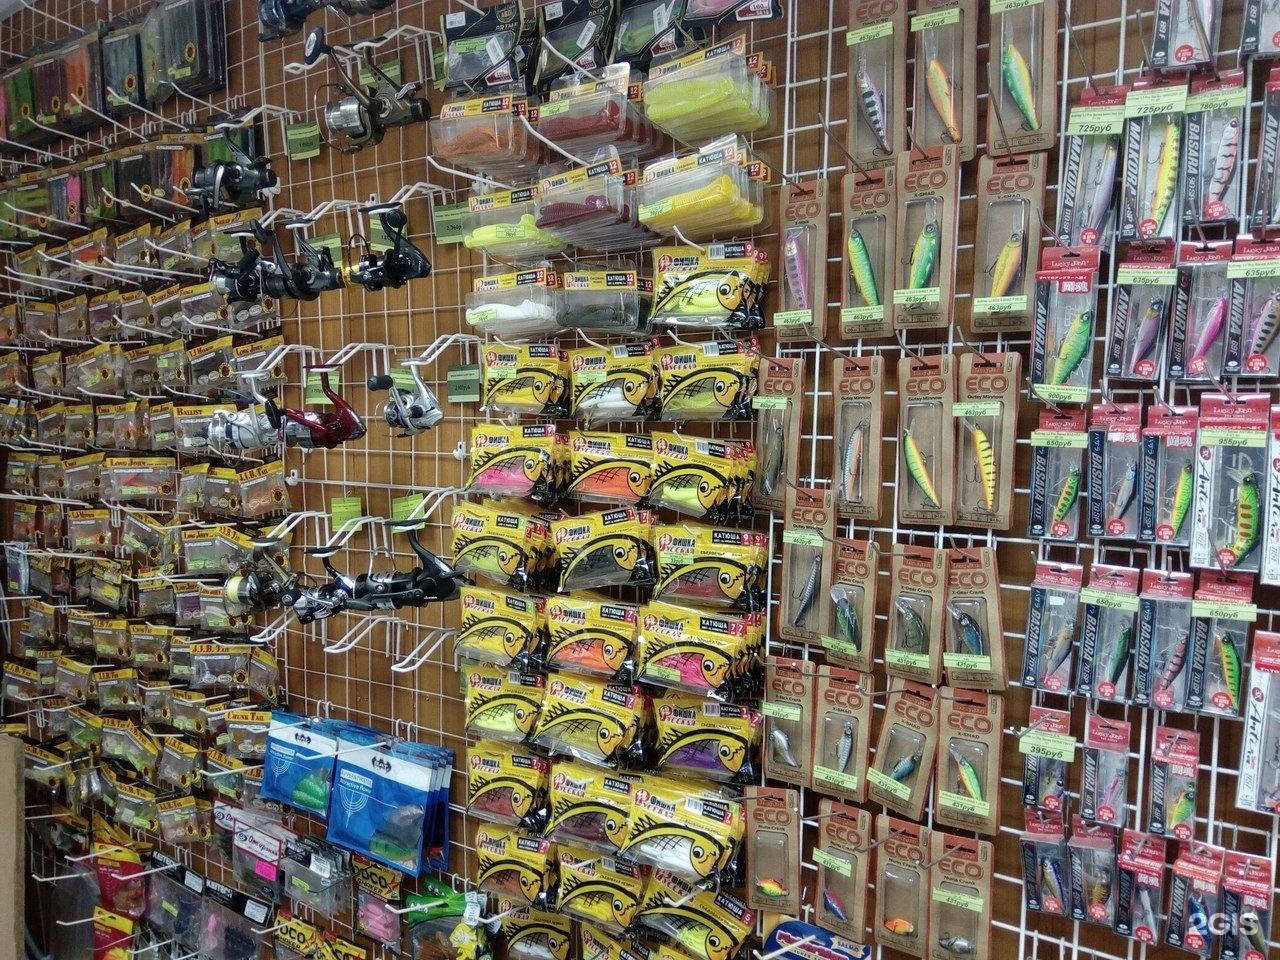 Рыболовный Магазин Ижевск Рядом Со Мной